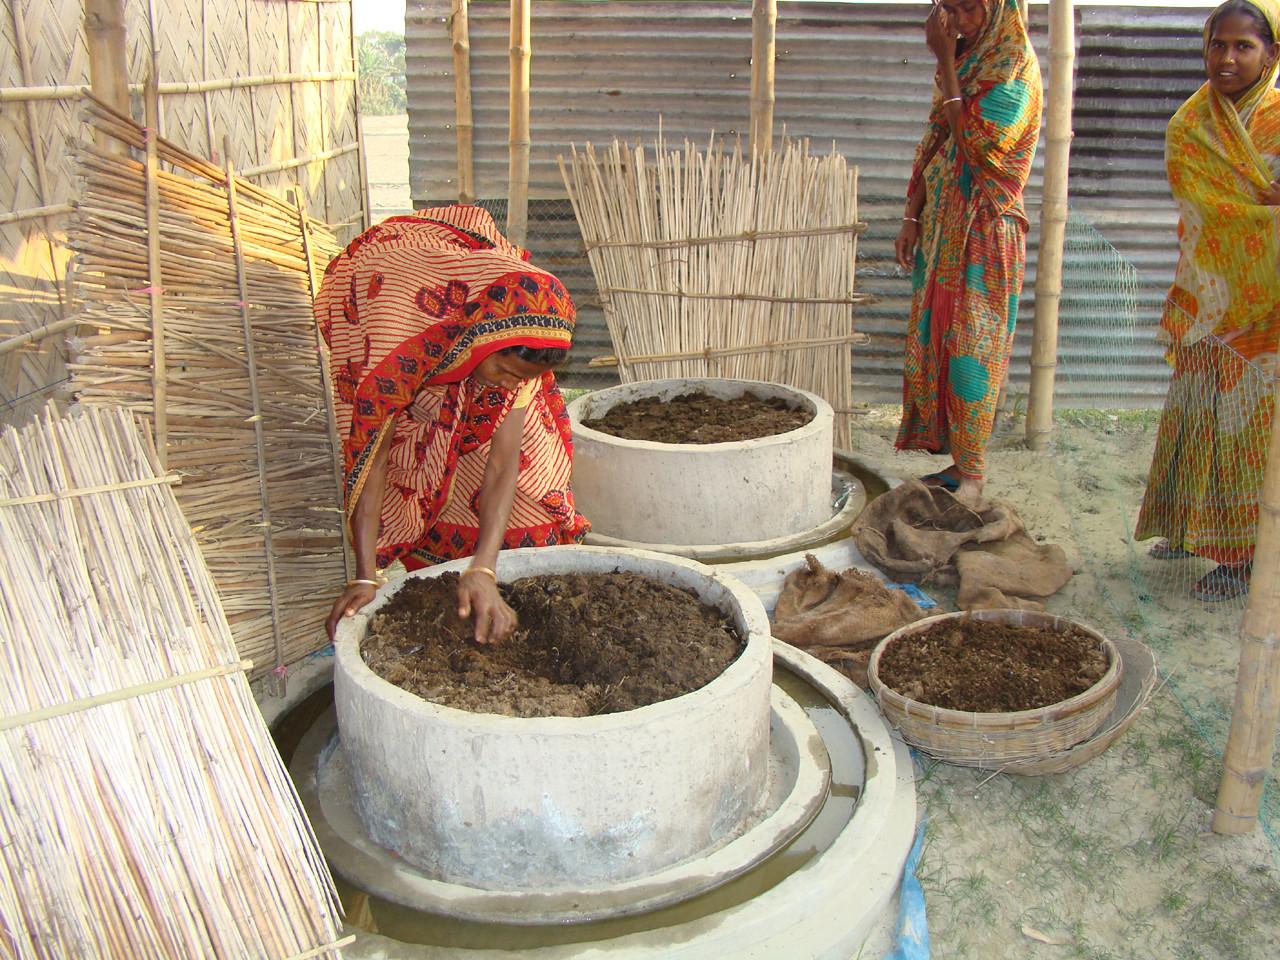 Mujeres construyendo huertas orgánicas en Bangladesh. Image © ONU